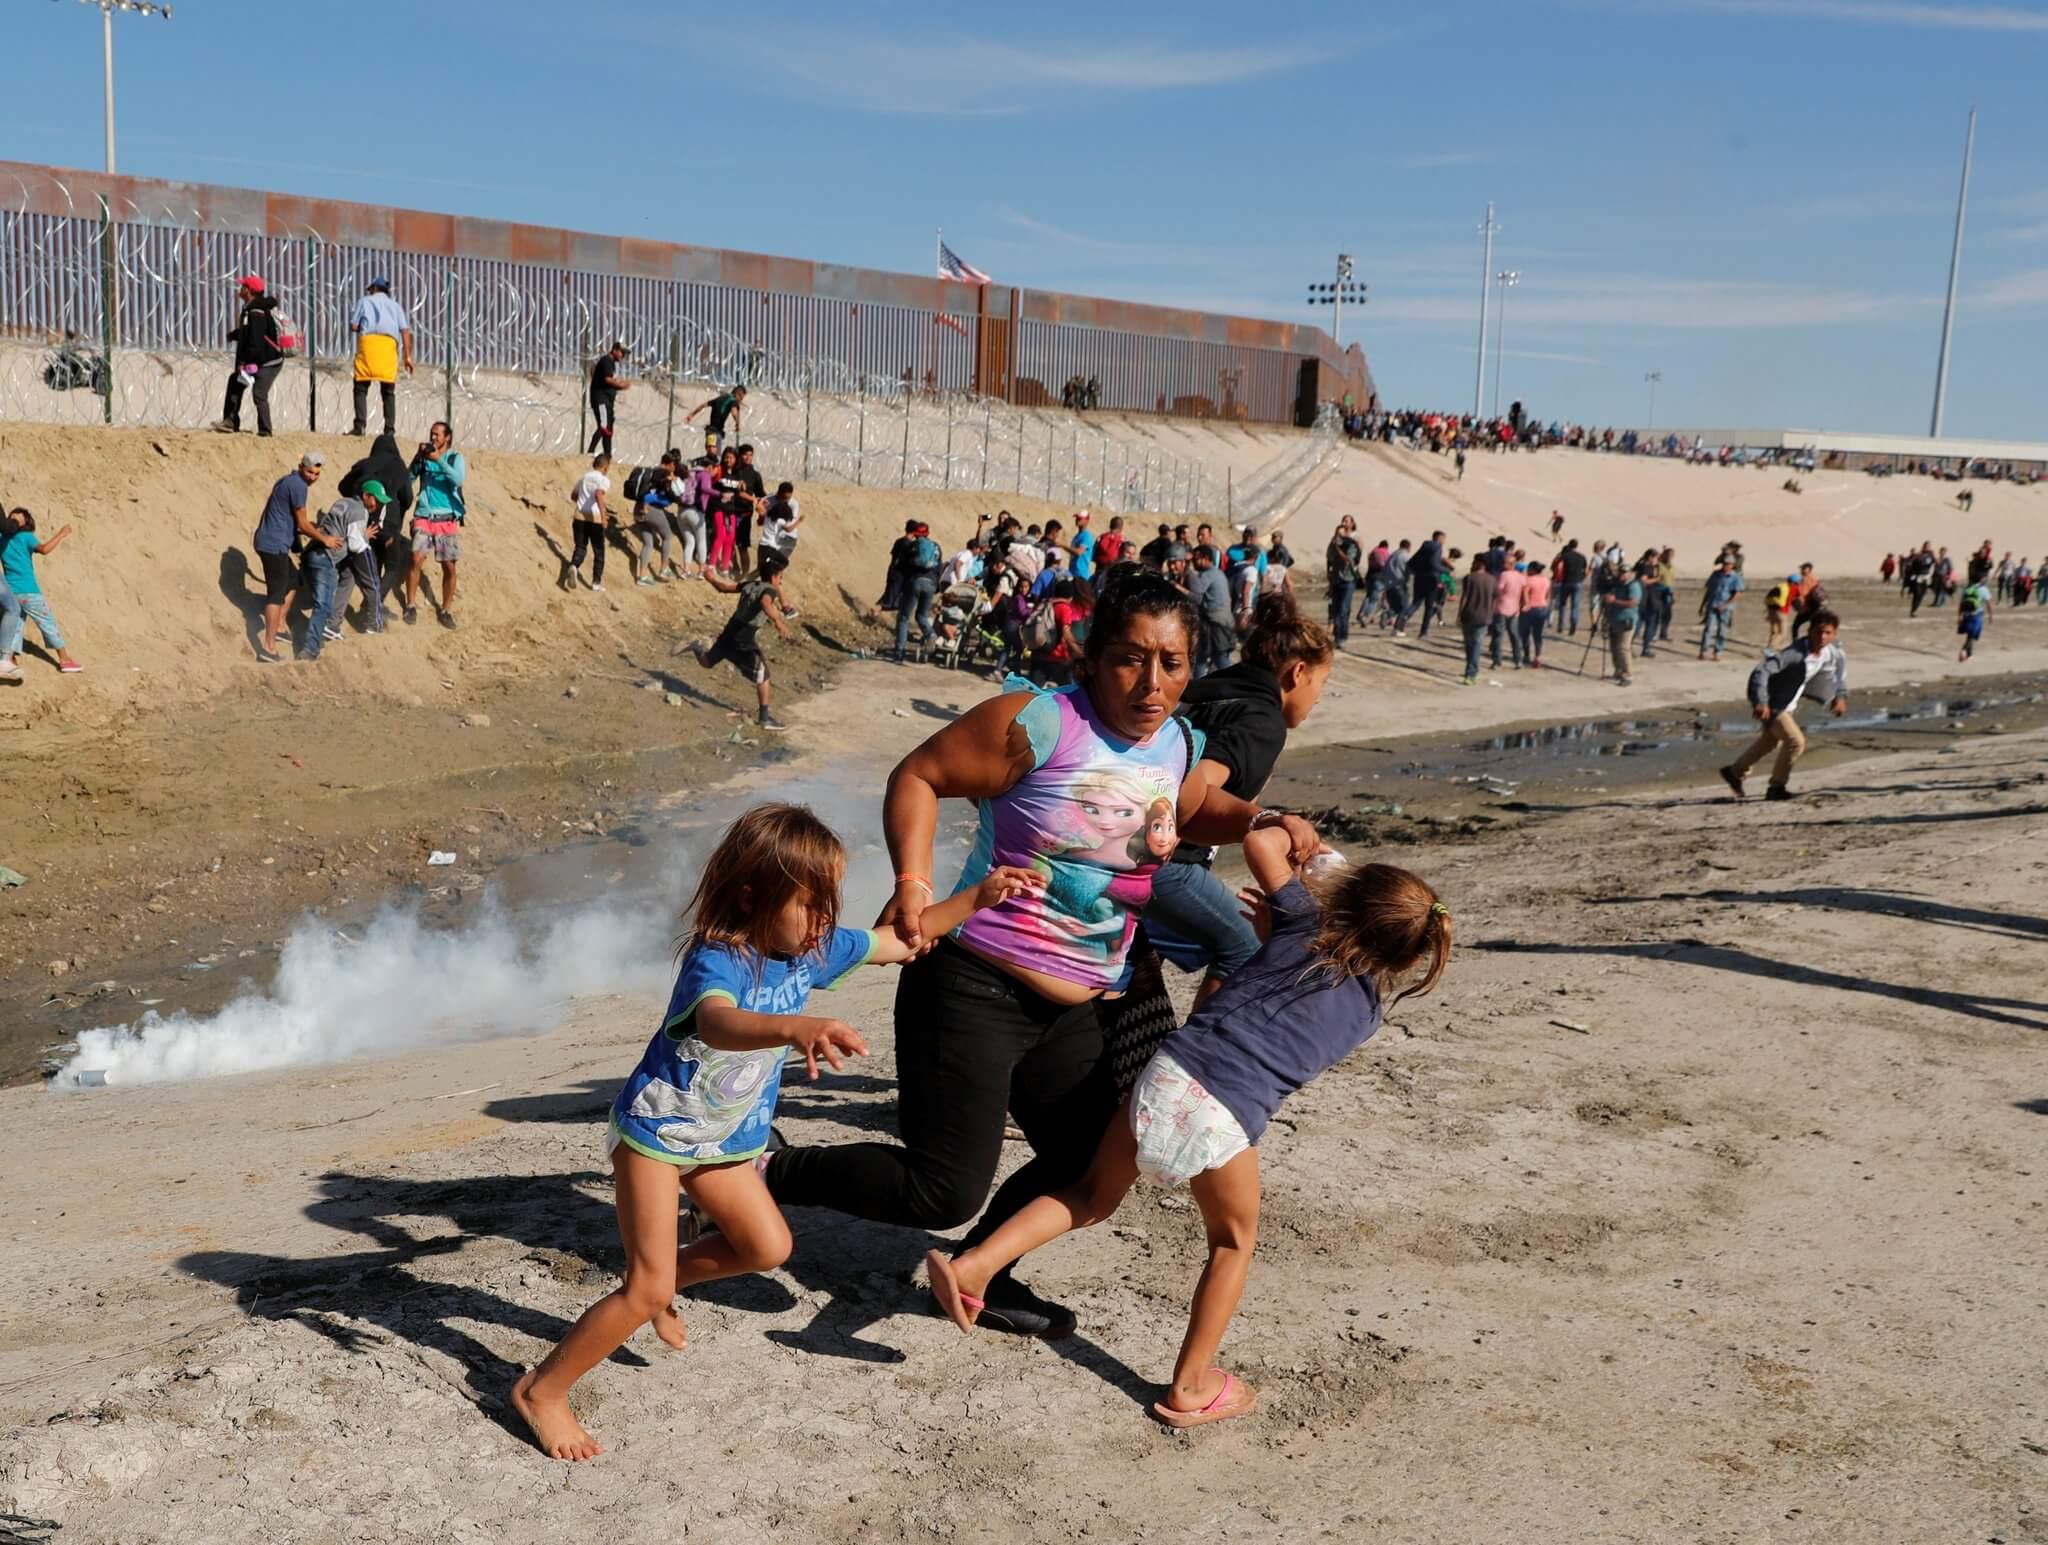 México deportará a 500 inmigrantes de la caravana luego de un enfrentamiento con bombas lacrimógenas en la frontera